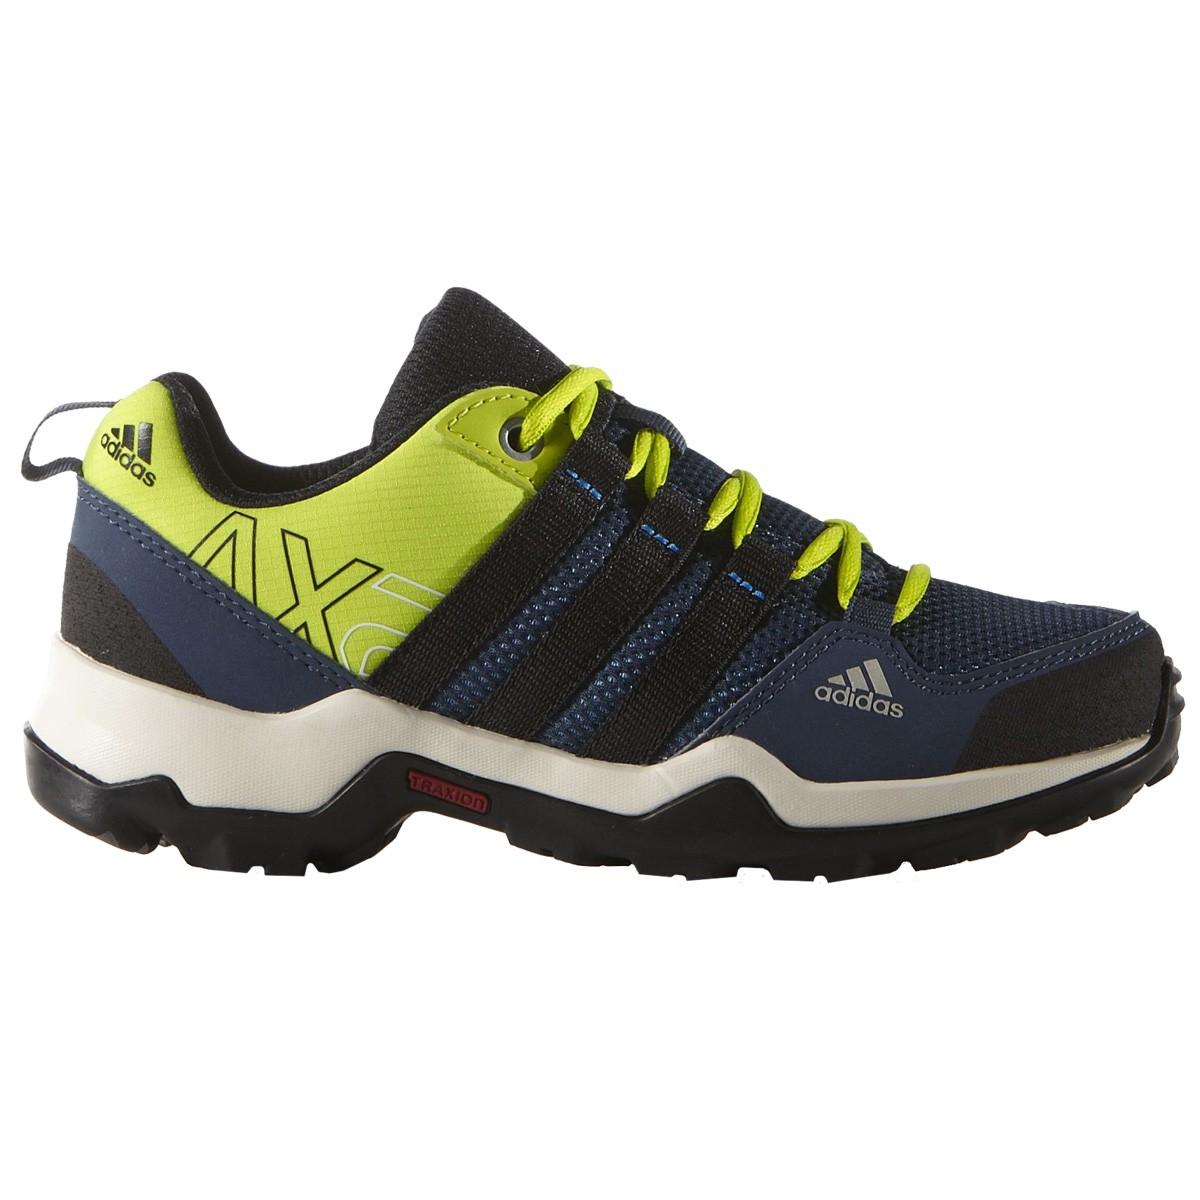 adidas scarpe trekking online   Promozioni fino al 40% Scontate c3828dc5a32